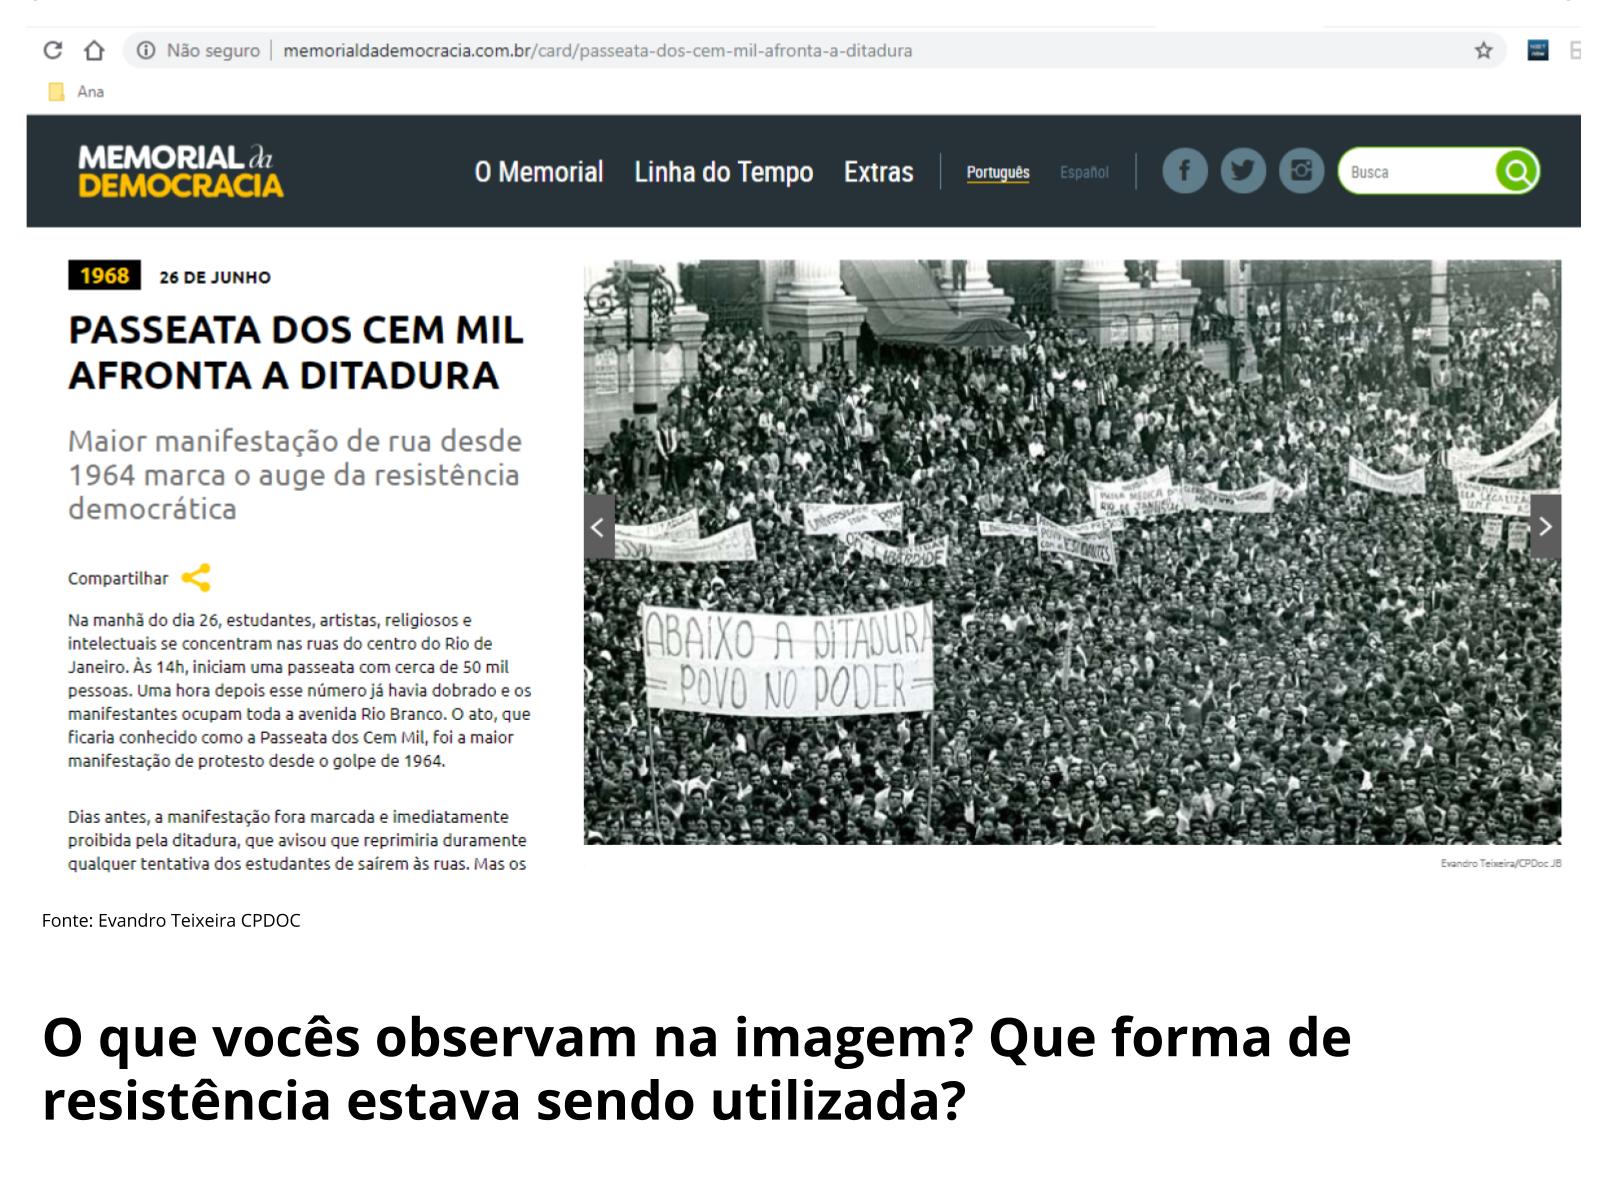 Movimentos de resistência à ditadura civil-militar no Brasil